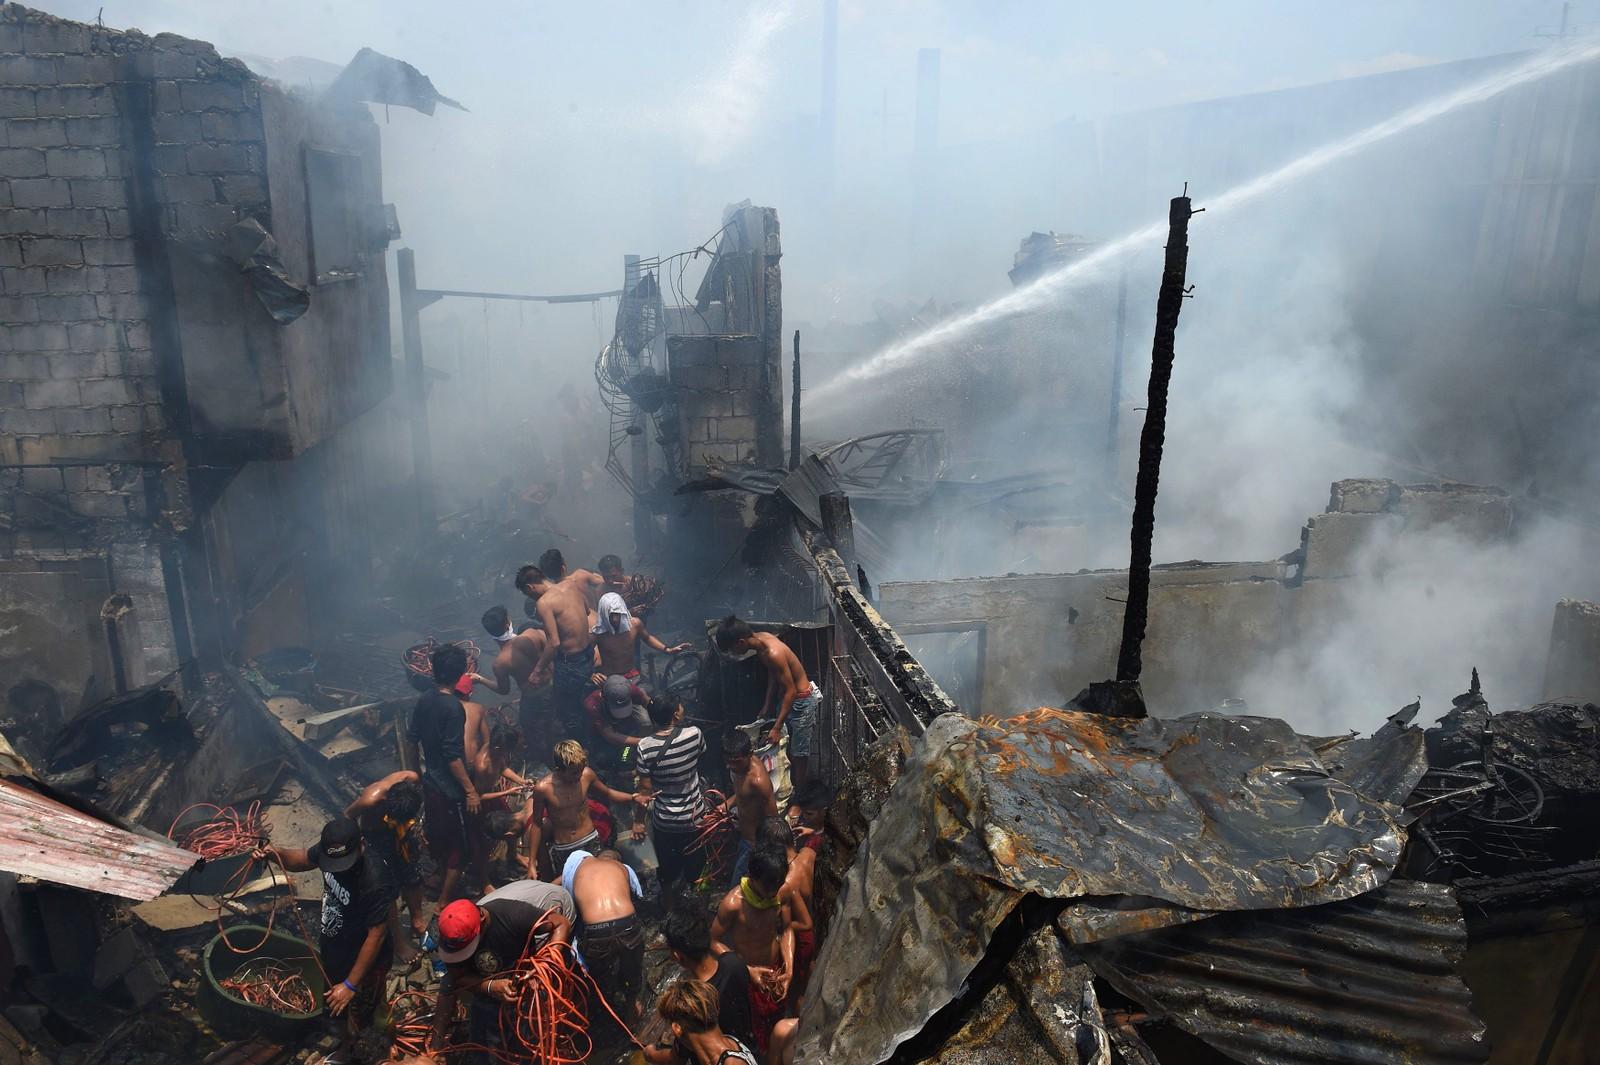 Mennesker kjemper mot hverandre i røyken etter en brann i Manila på Filippinene. De kjemper om å få med seg ting som kan selges senere. 30 hus skal ha brent ned.